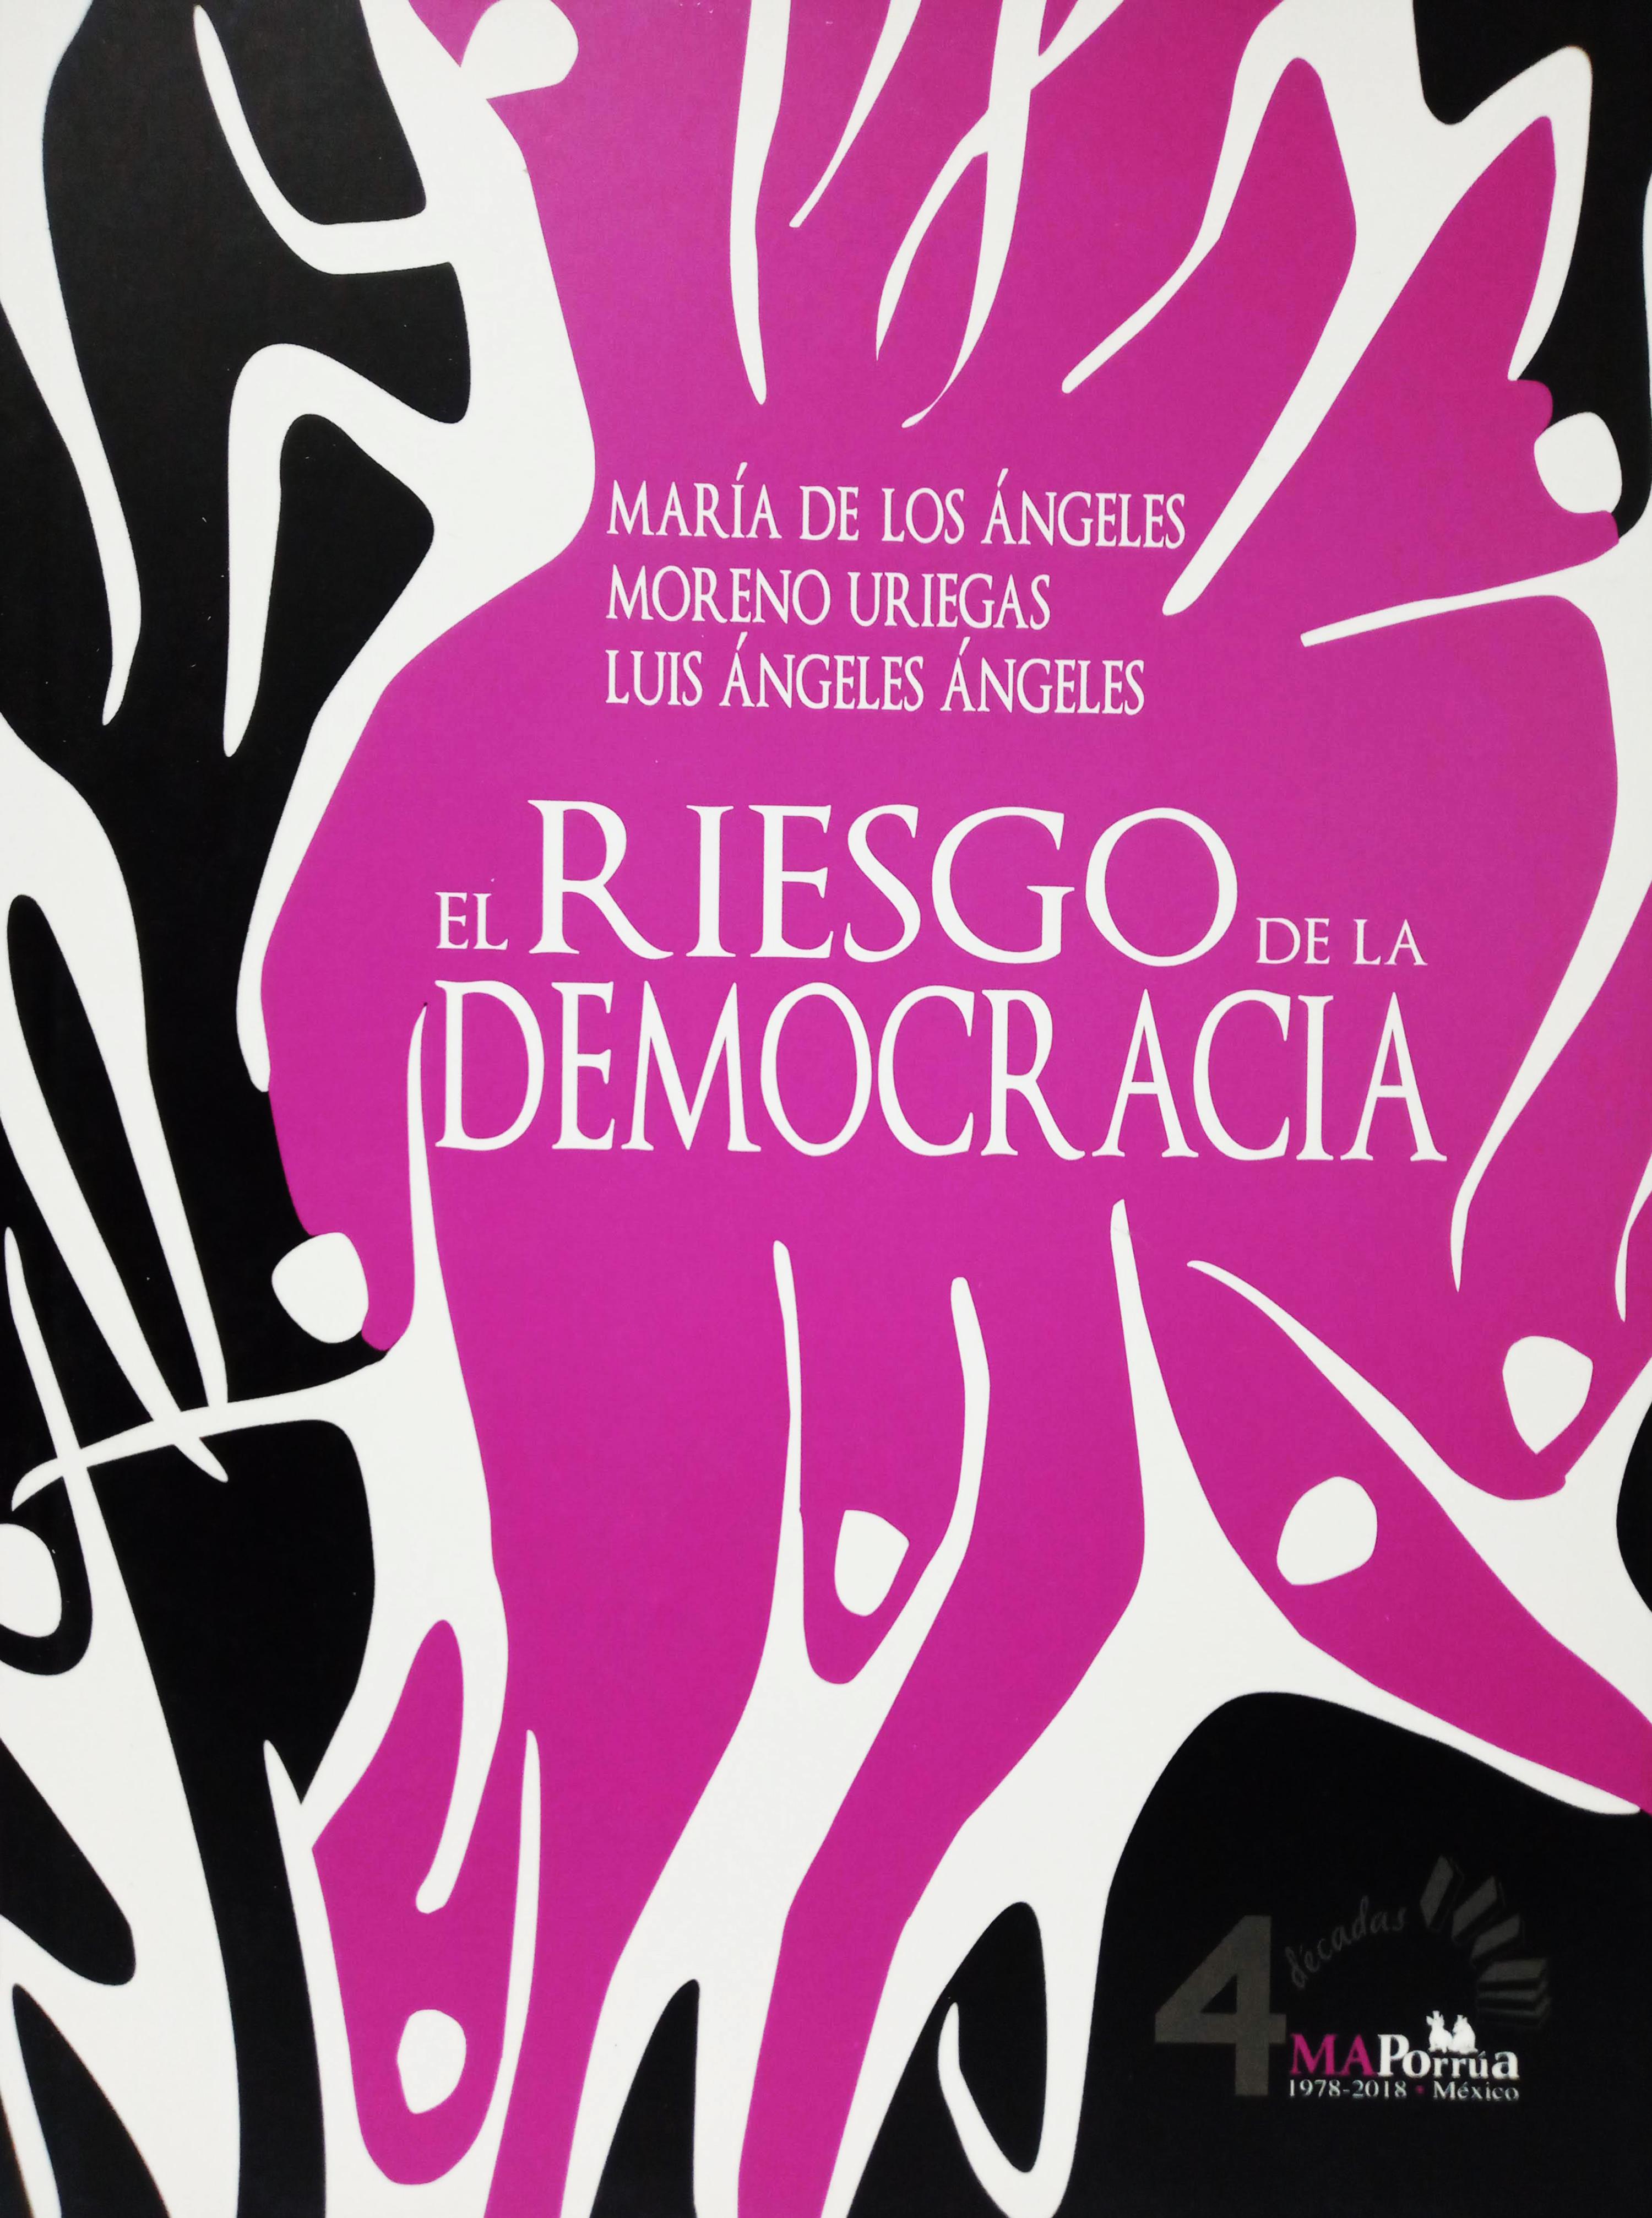 María de los Ángeles Moreno Uriegas El riesgo de la democracia rubén escartín pascual el amanecer de los ángeles